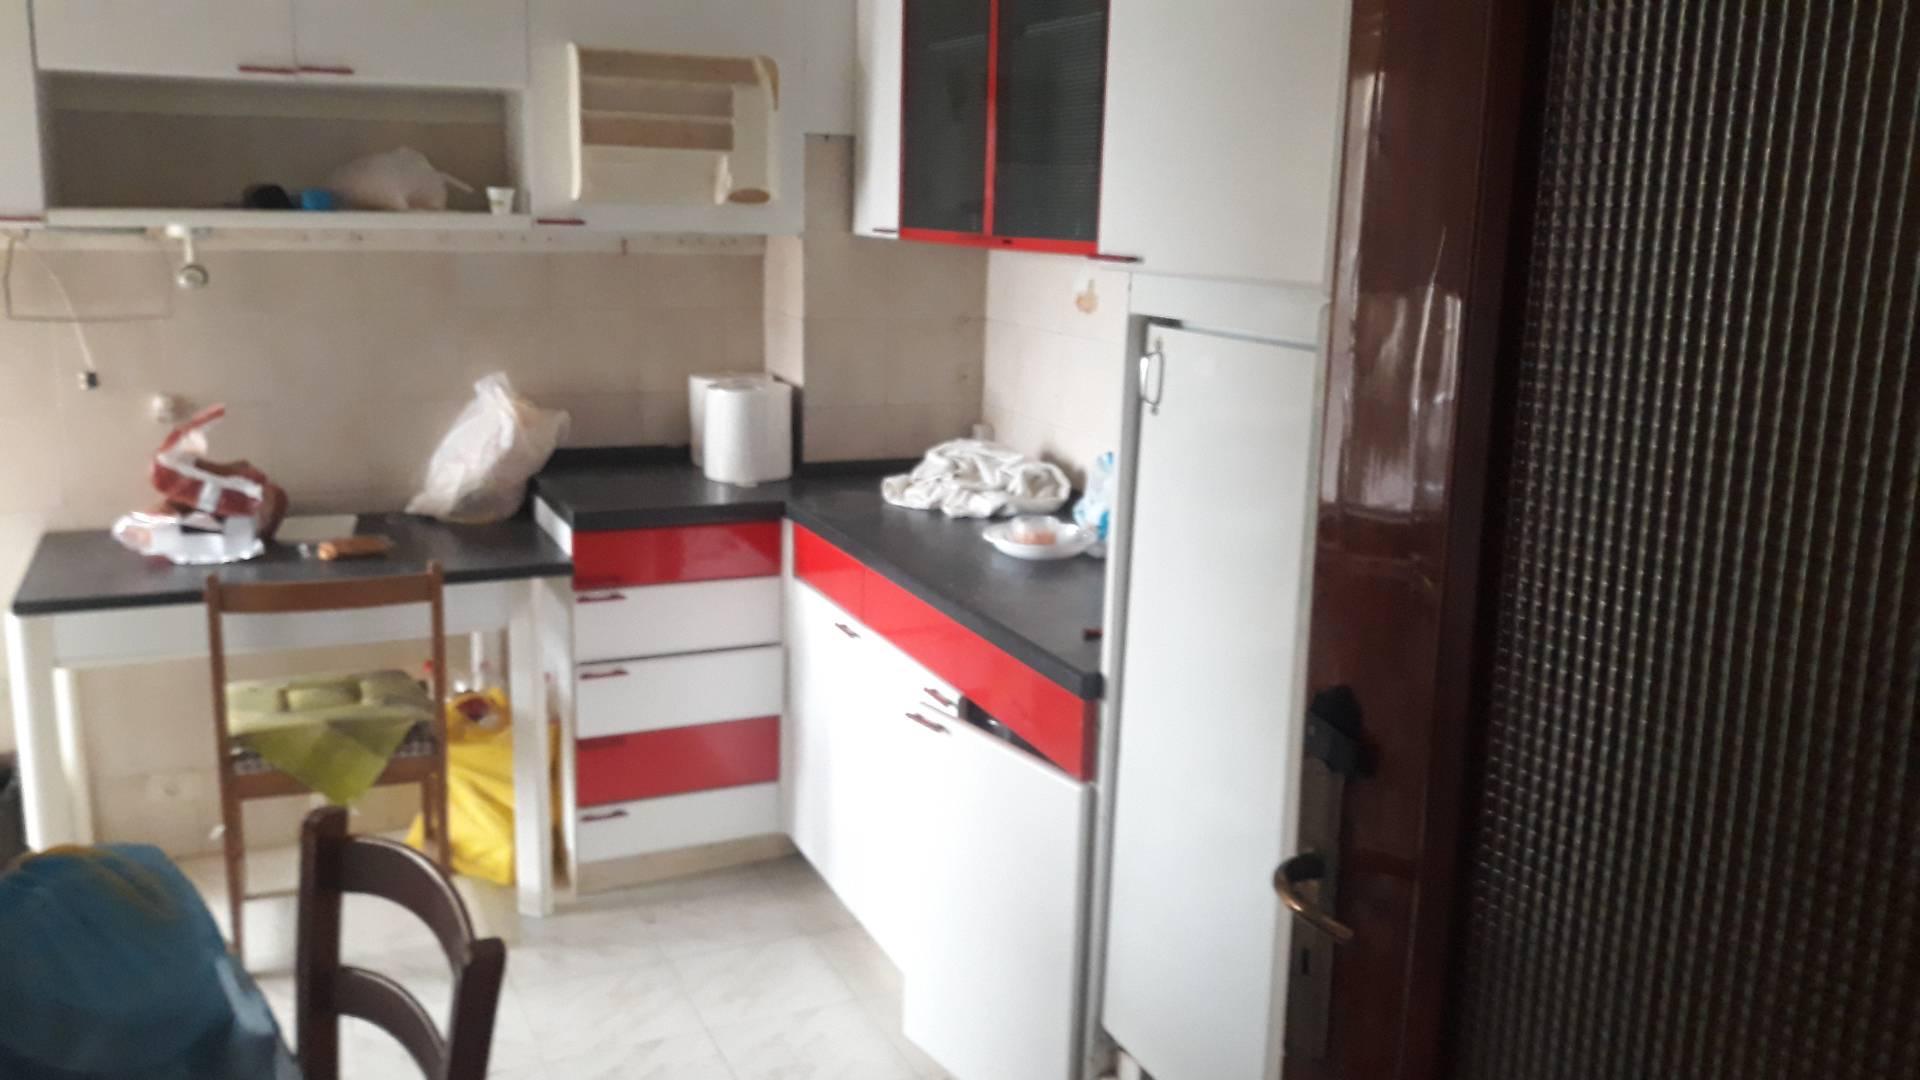 Appartamento in vendita a Macerata, 3 locali, prezzo € 63.000 | PortaleAgenzieImmobiliari.it